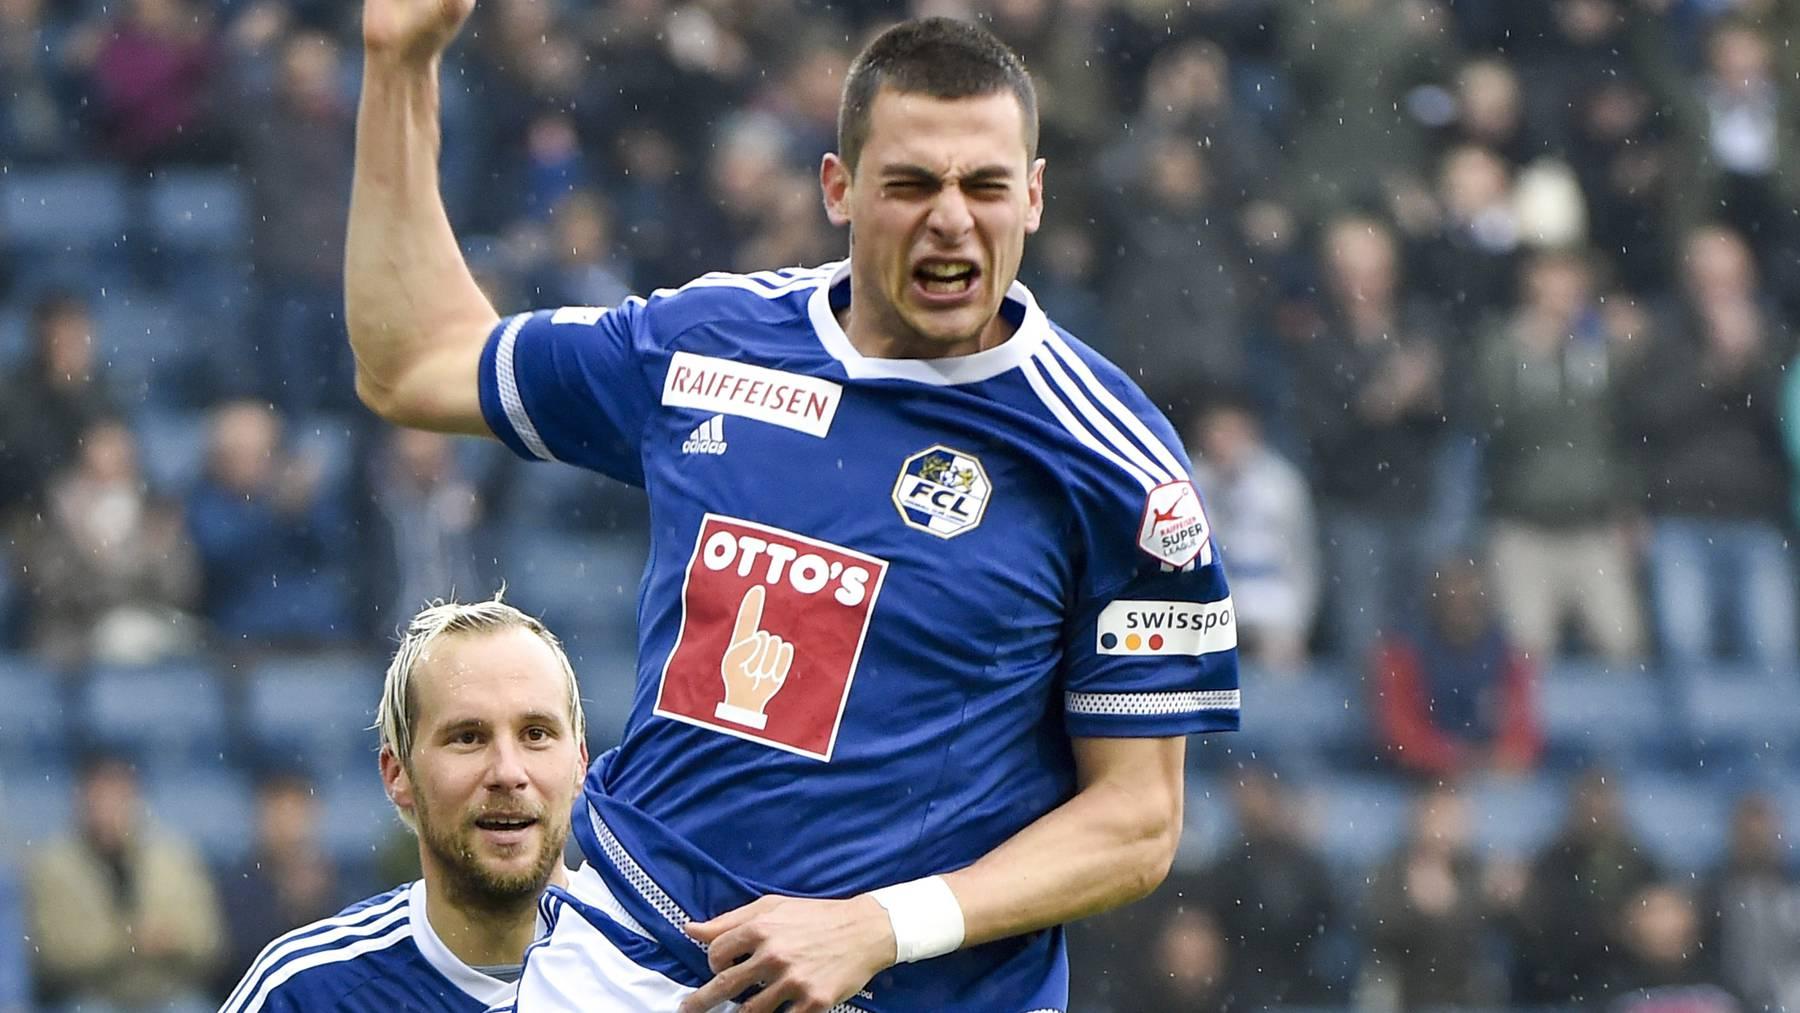 Der FC Luzern gewinnt gegen FC St.Gallen 3:0